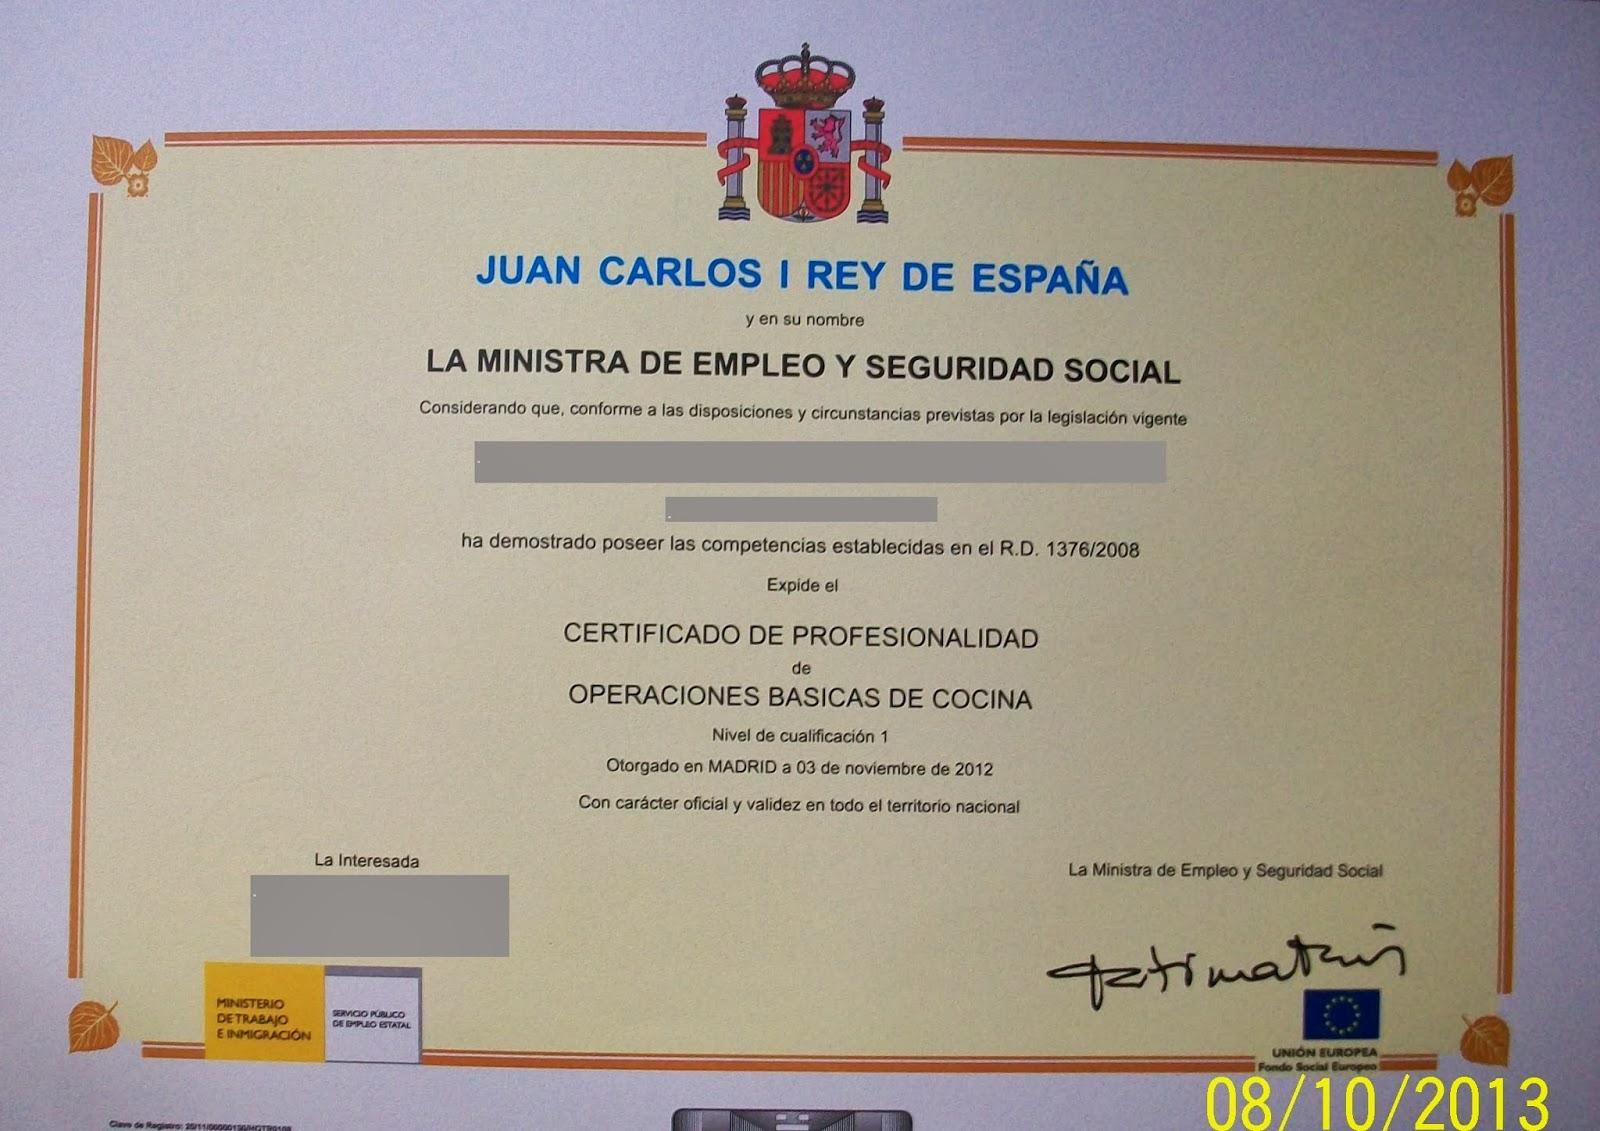 Certificado de profesionalidad de cocina el dedal de clara for Procesos de preelaboracion y conservacion en cocina pdf